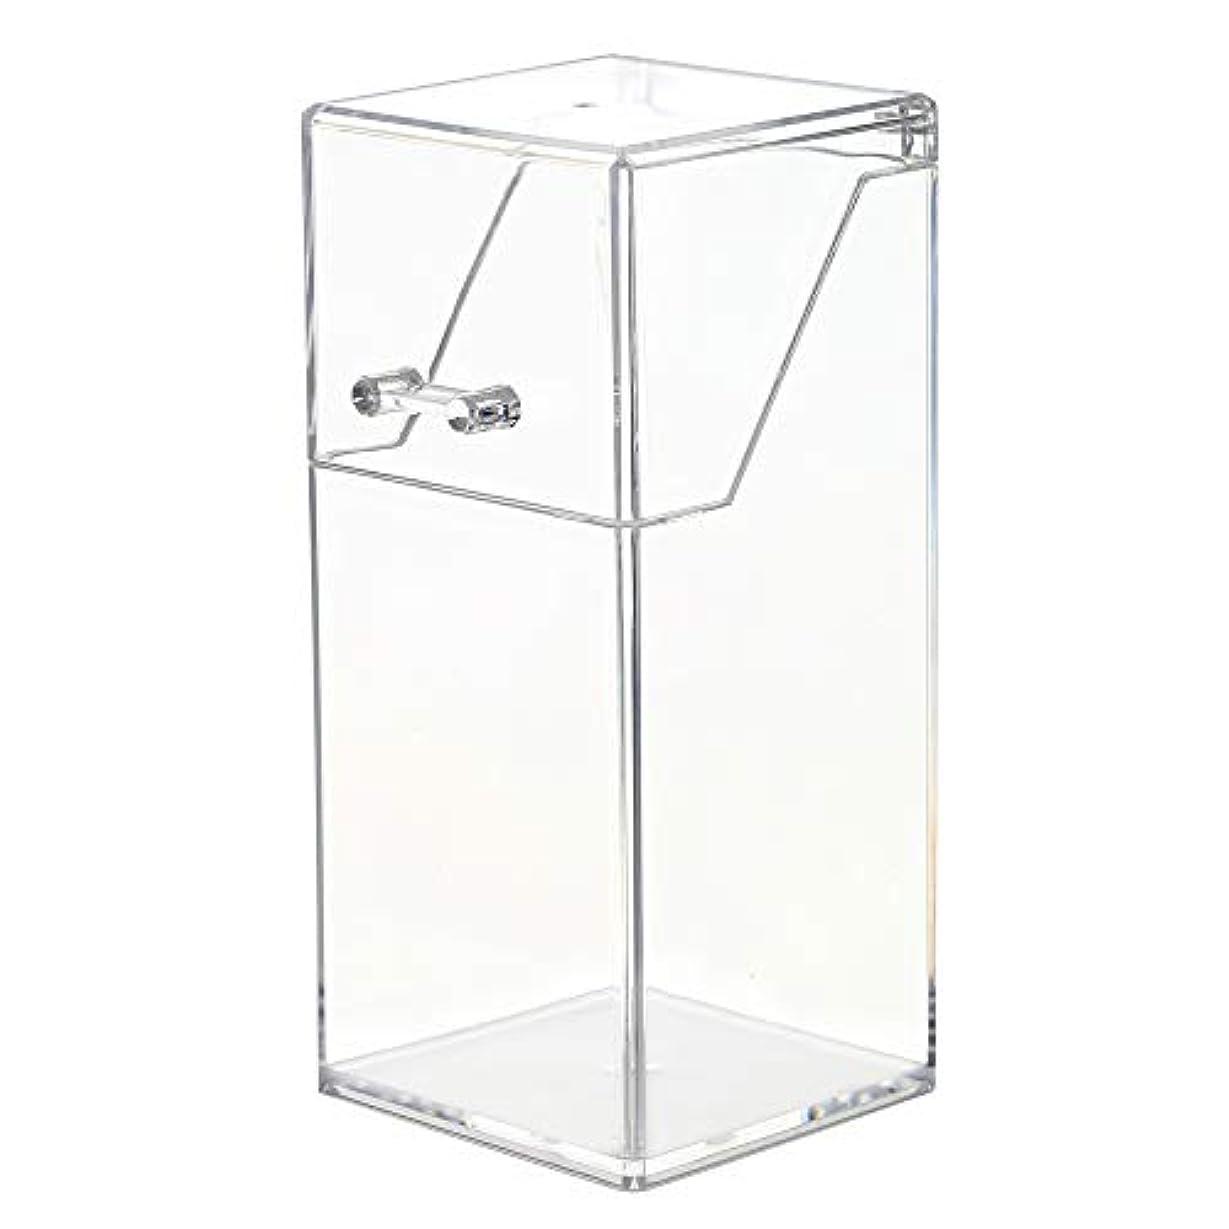 ペン機会コンピューターを使用するメイクボックス メイクブラシ収納 Decdeal 透明 ふた付き 防塵 持ち運び アクリルケース 化粧品収納ボックス 口紅 化粧ブラシ 文房具 小物入れ 卓上収納ケース